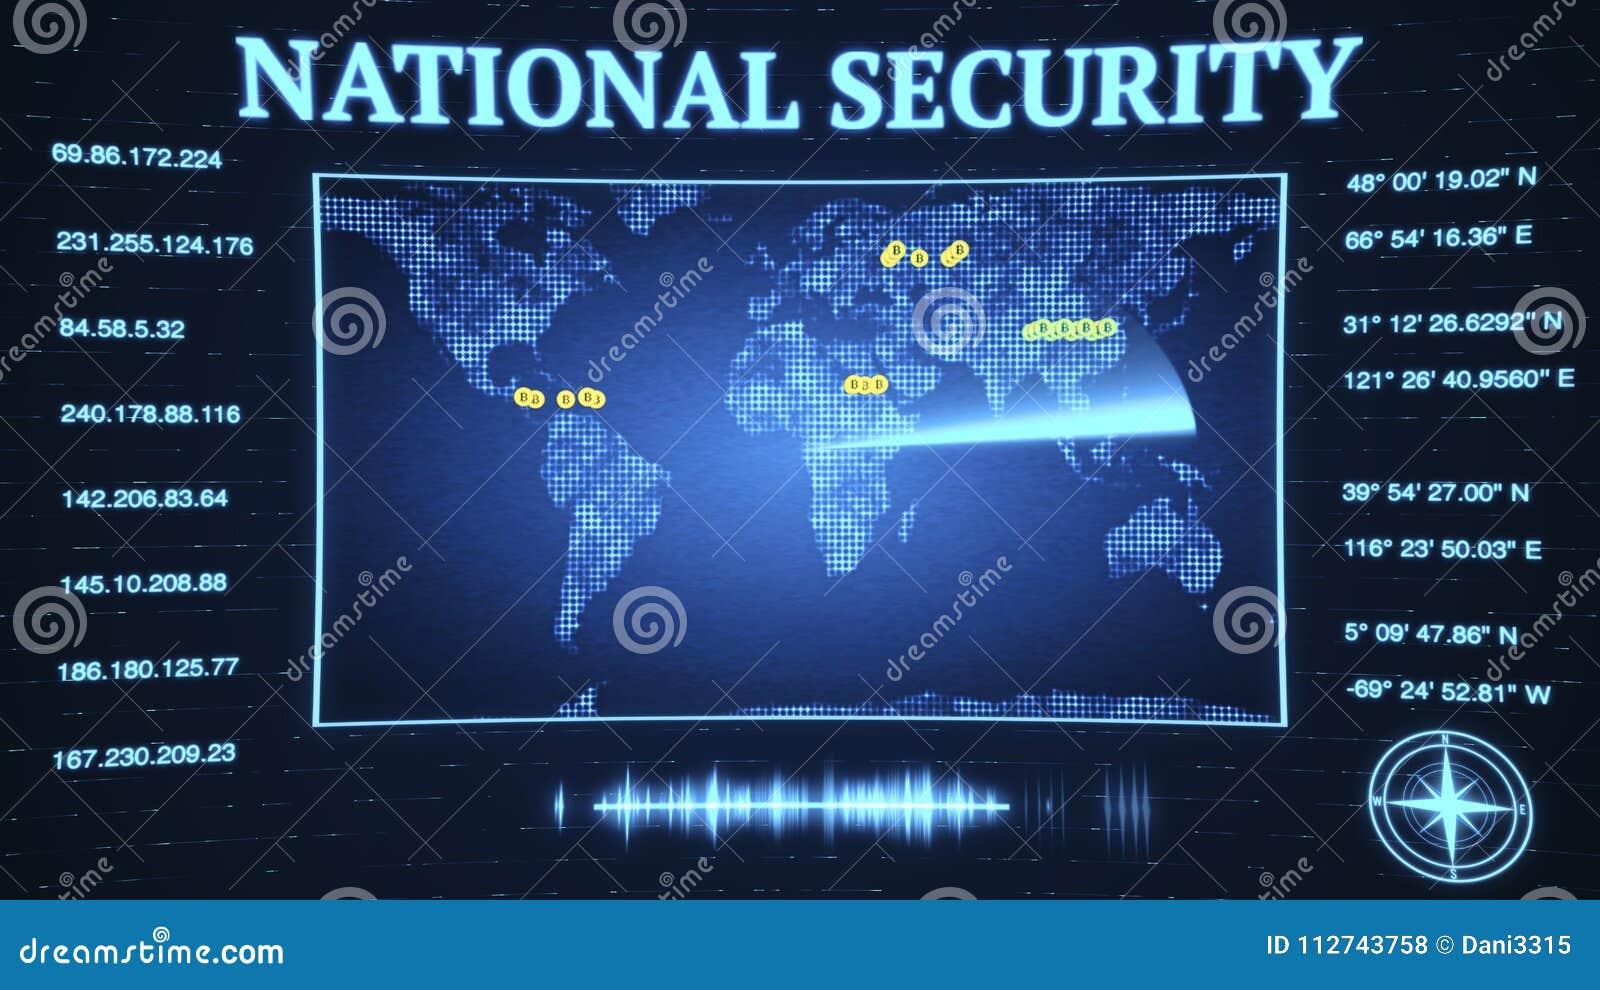 L agence de sécurité nationale de gouvernement fend vers le bas sur le virtu de bitcoin